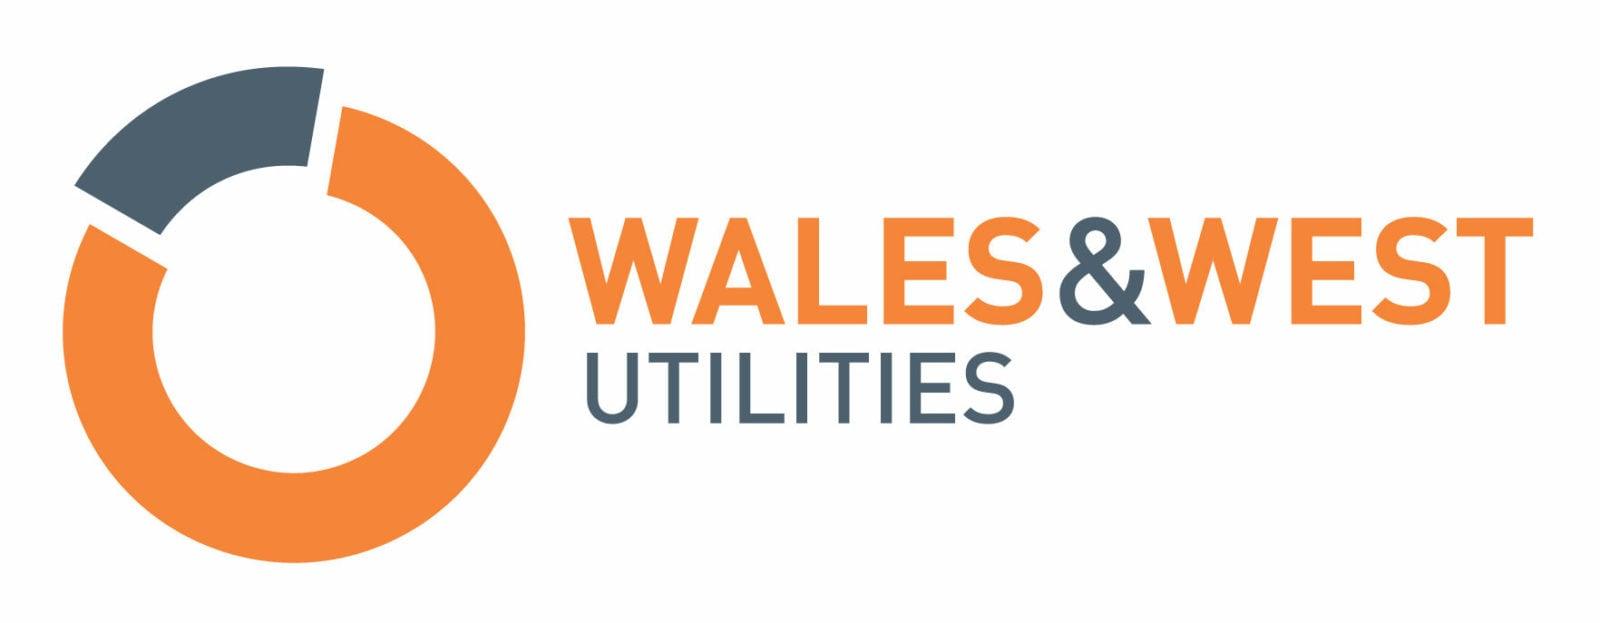 Wales&West Utilities